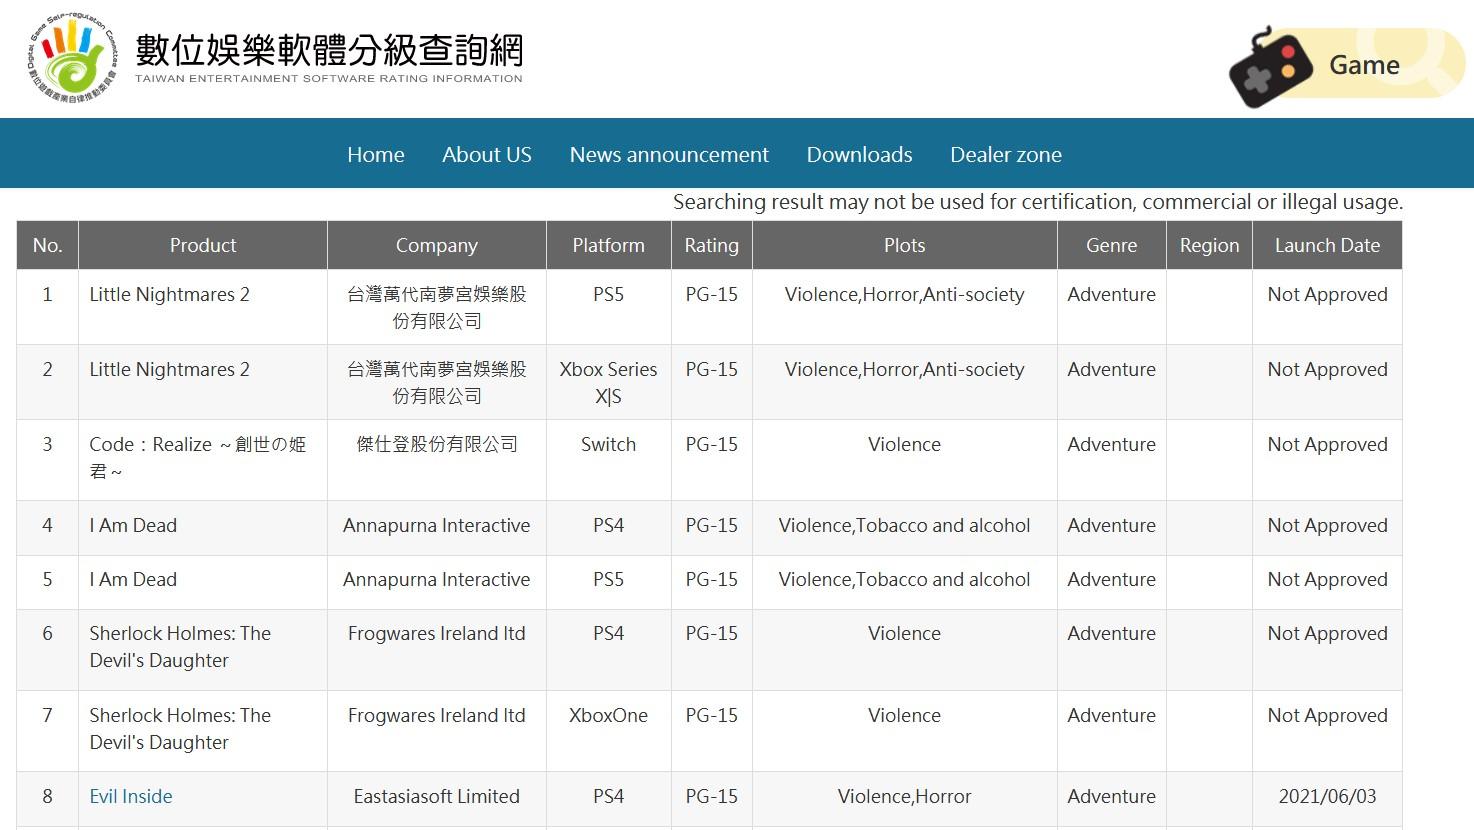 Источник изображения: Taiwan Entertainment Software Rating Information